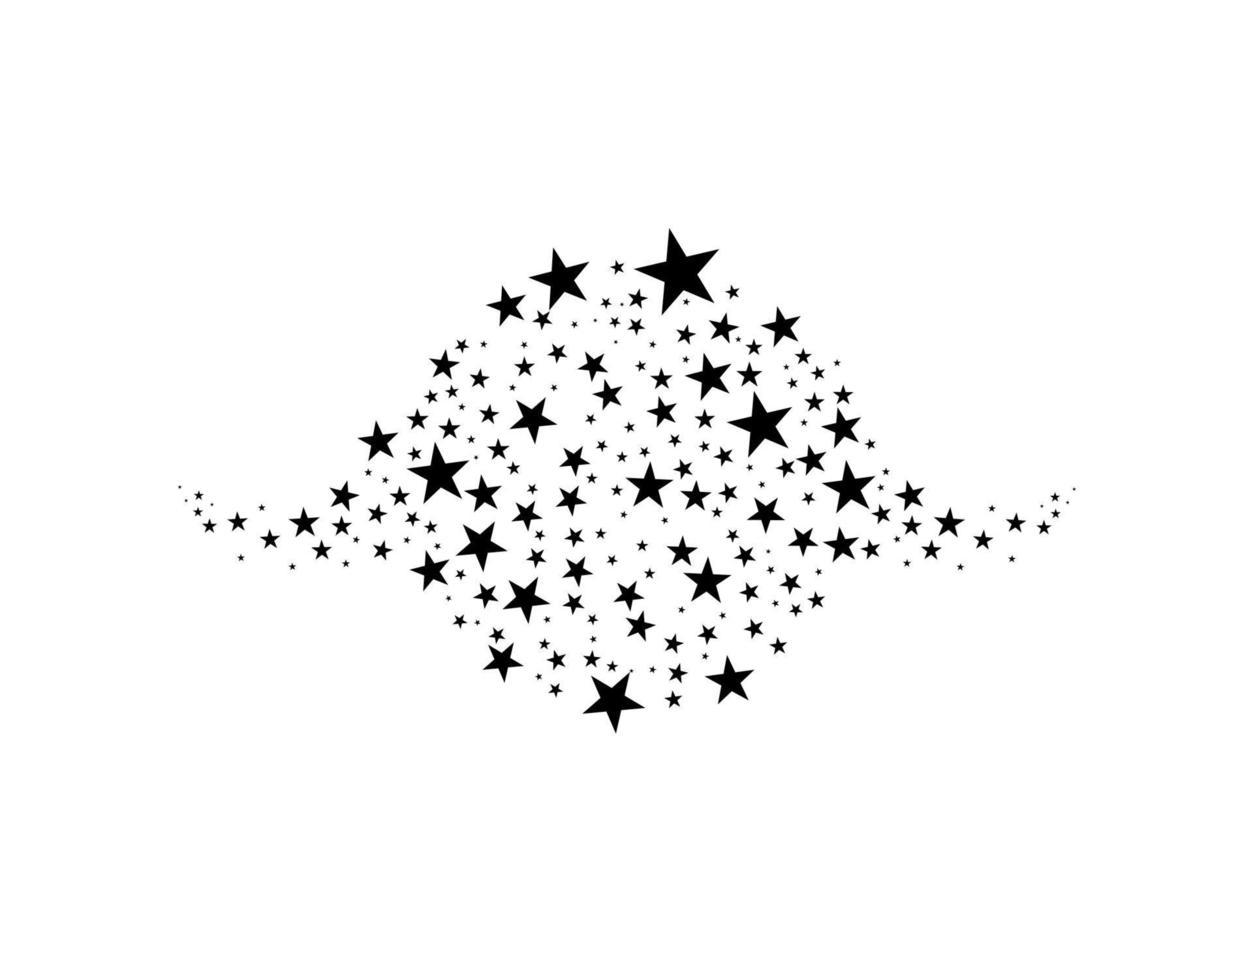 stjärnor i cirkel vektorillustration. platt ikon stjärna ram symbol vektor